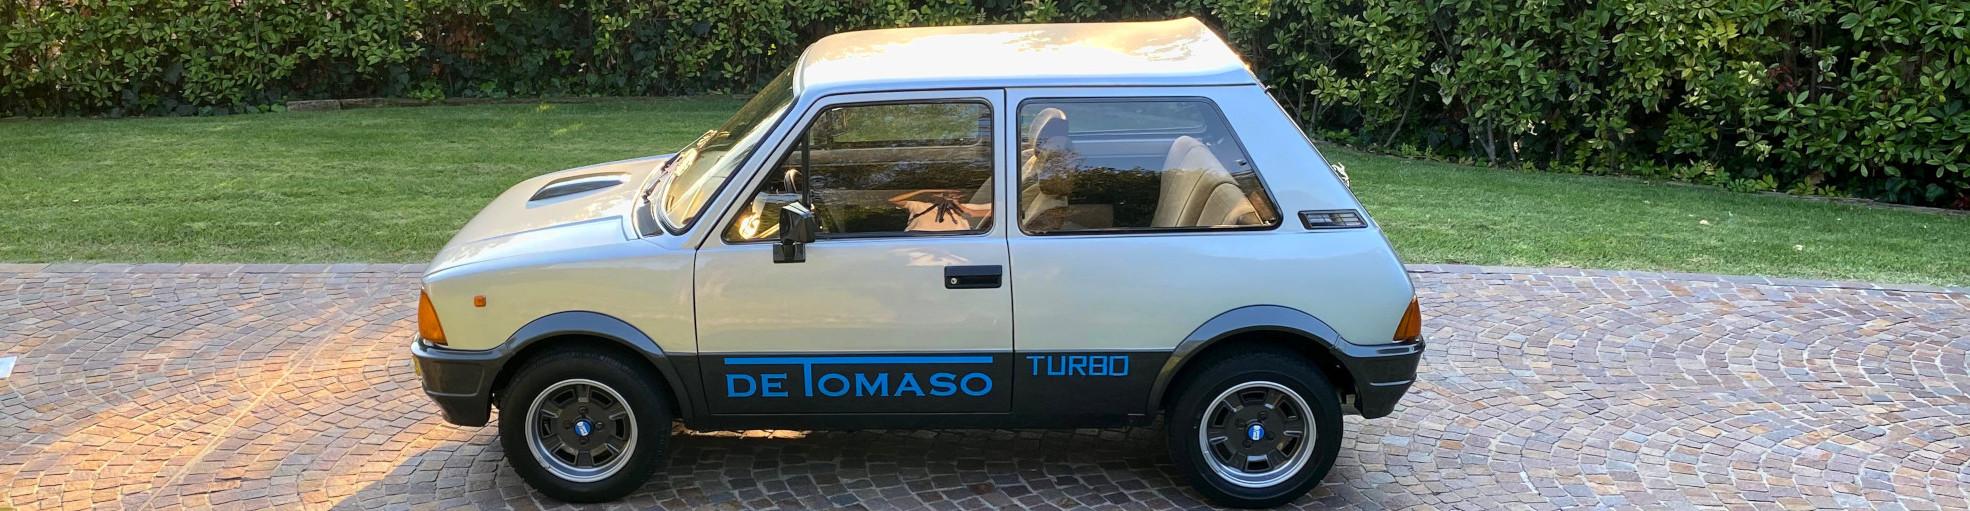 Fiancata della Innocenti De Tomaso Turbo in vendita - PASSIONE CLASSICA